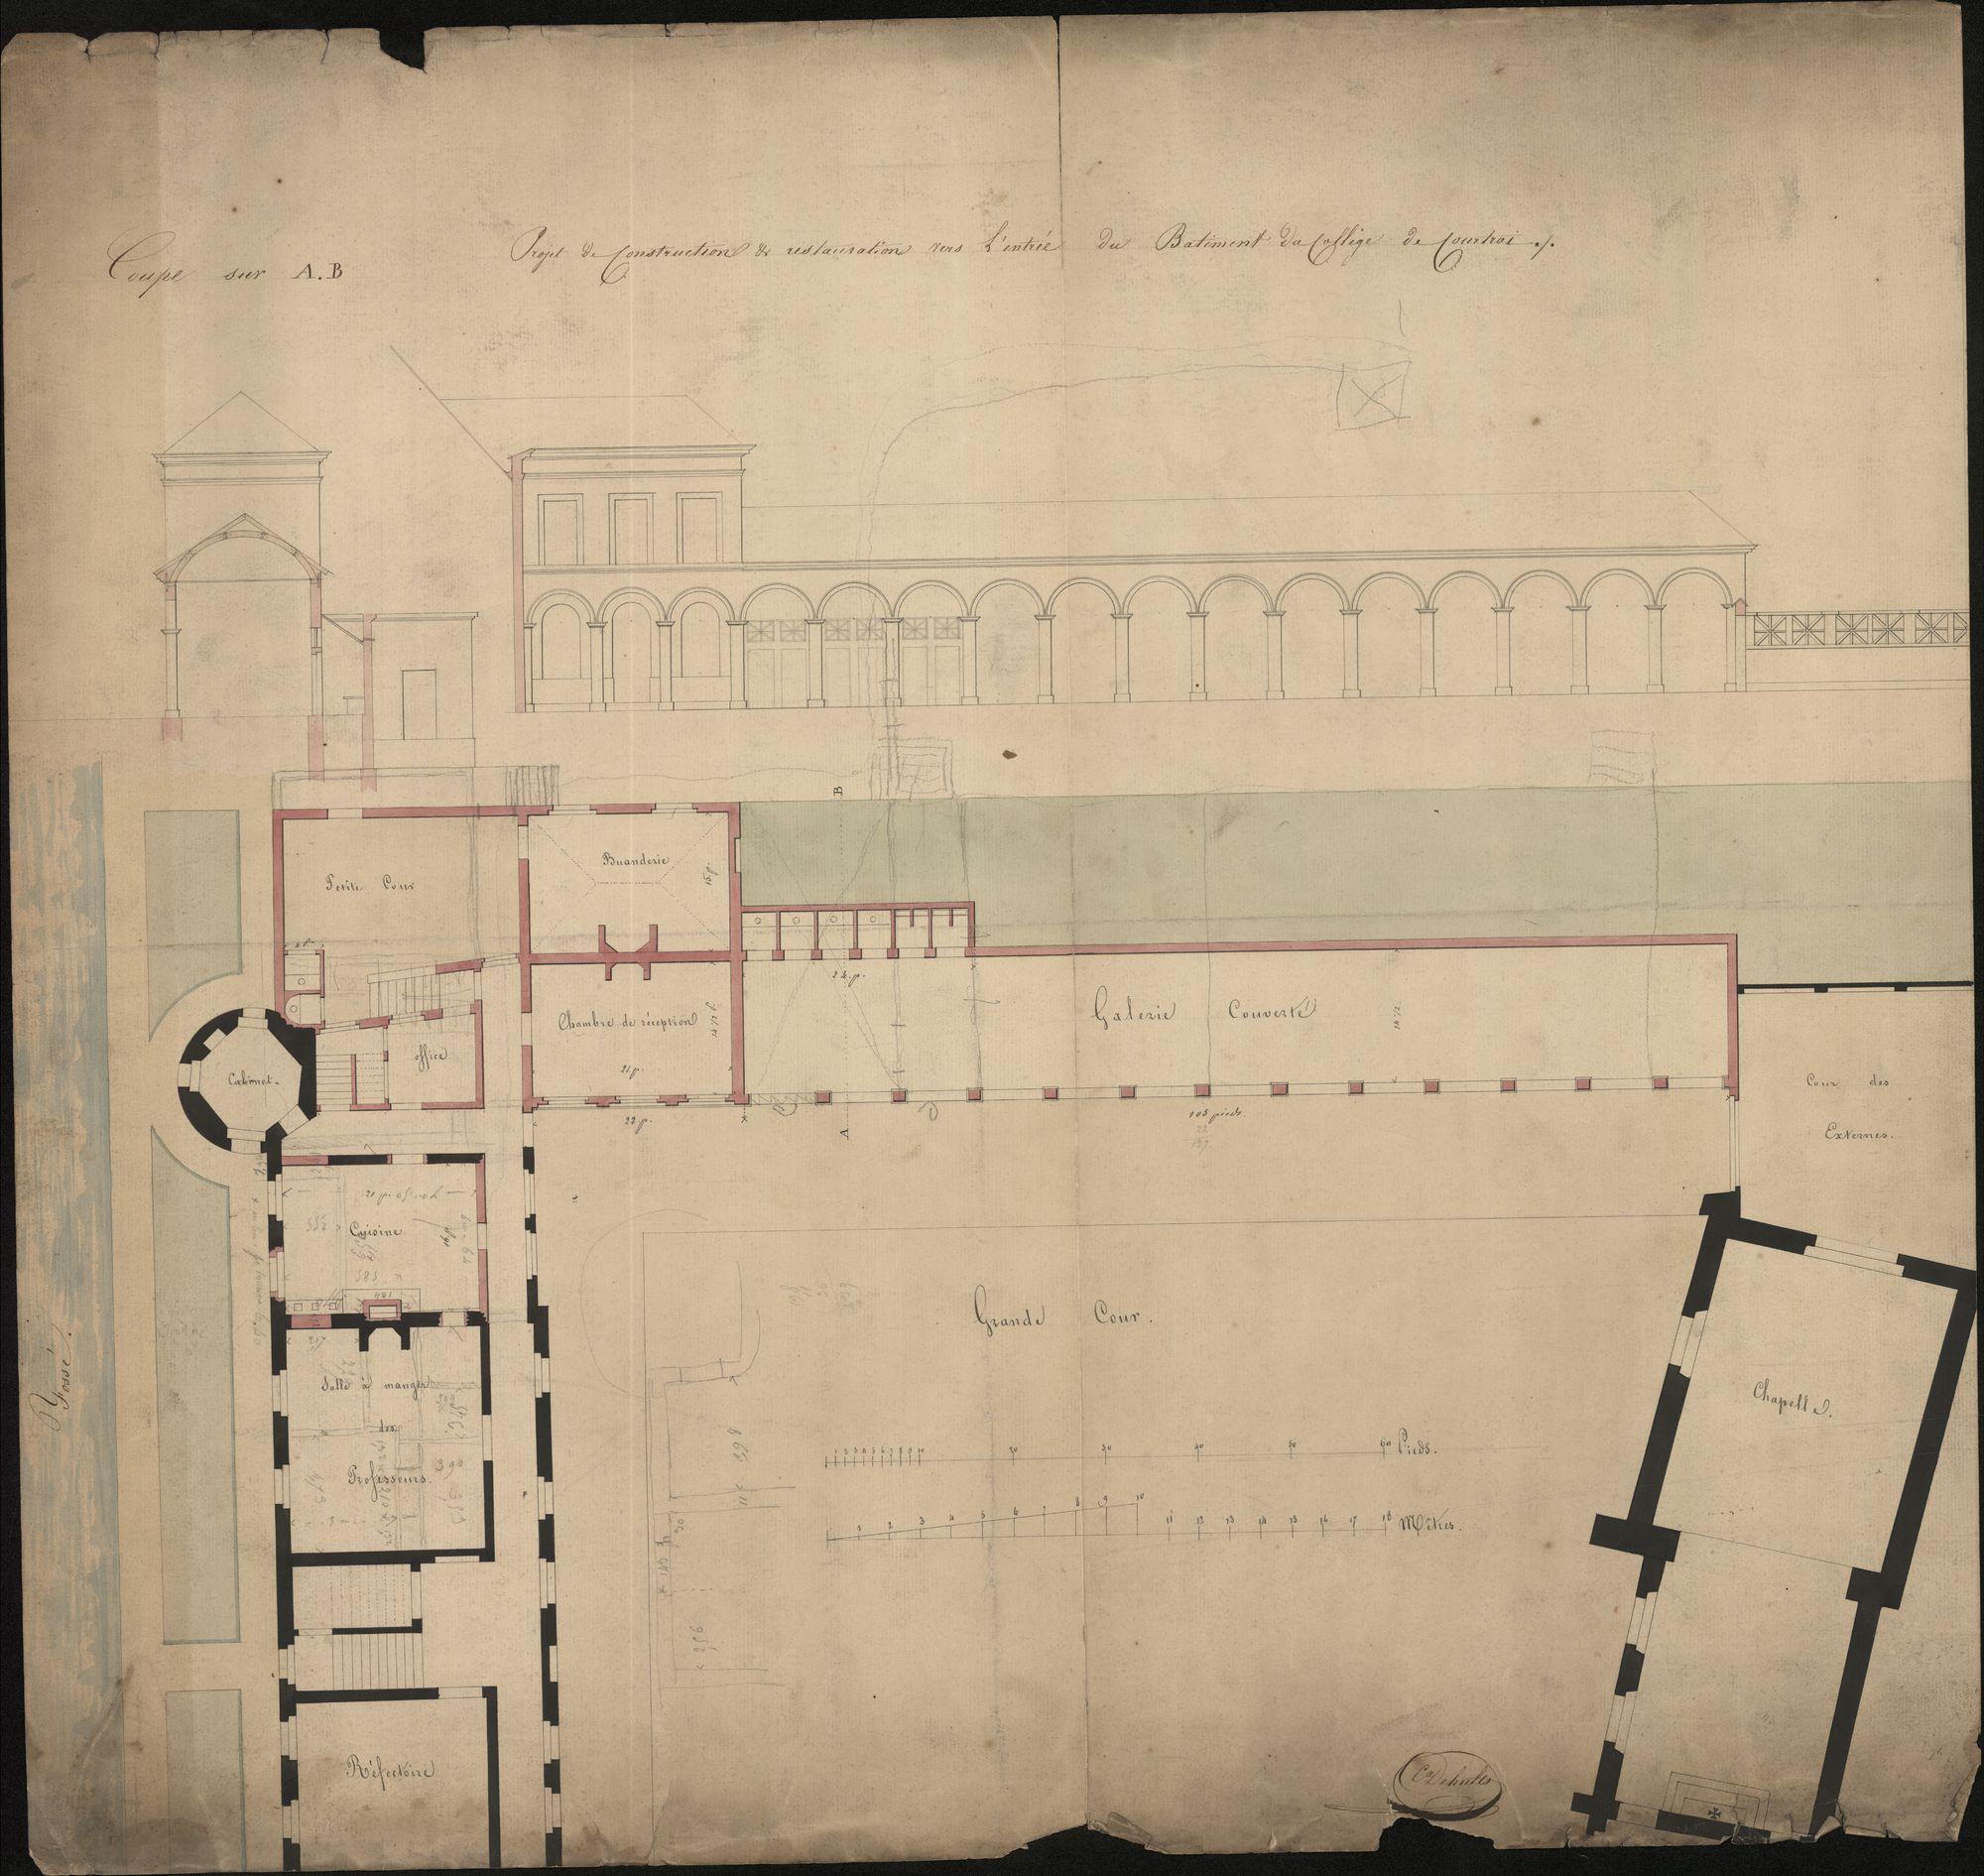 Bouwplannen van het Sint-Amandscollege te Kortrijk, 1849